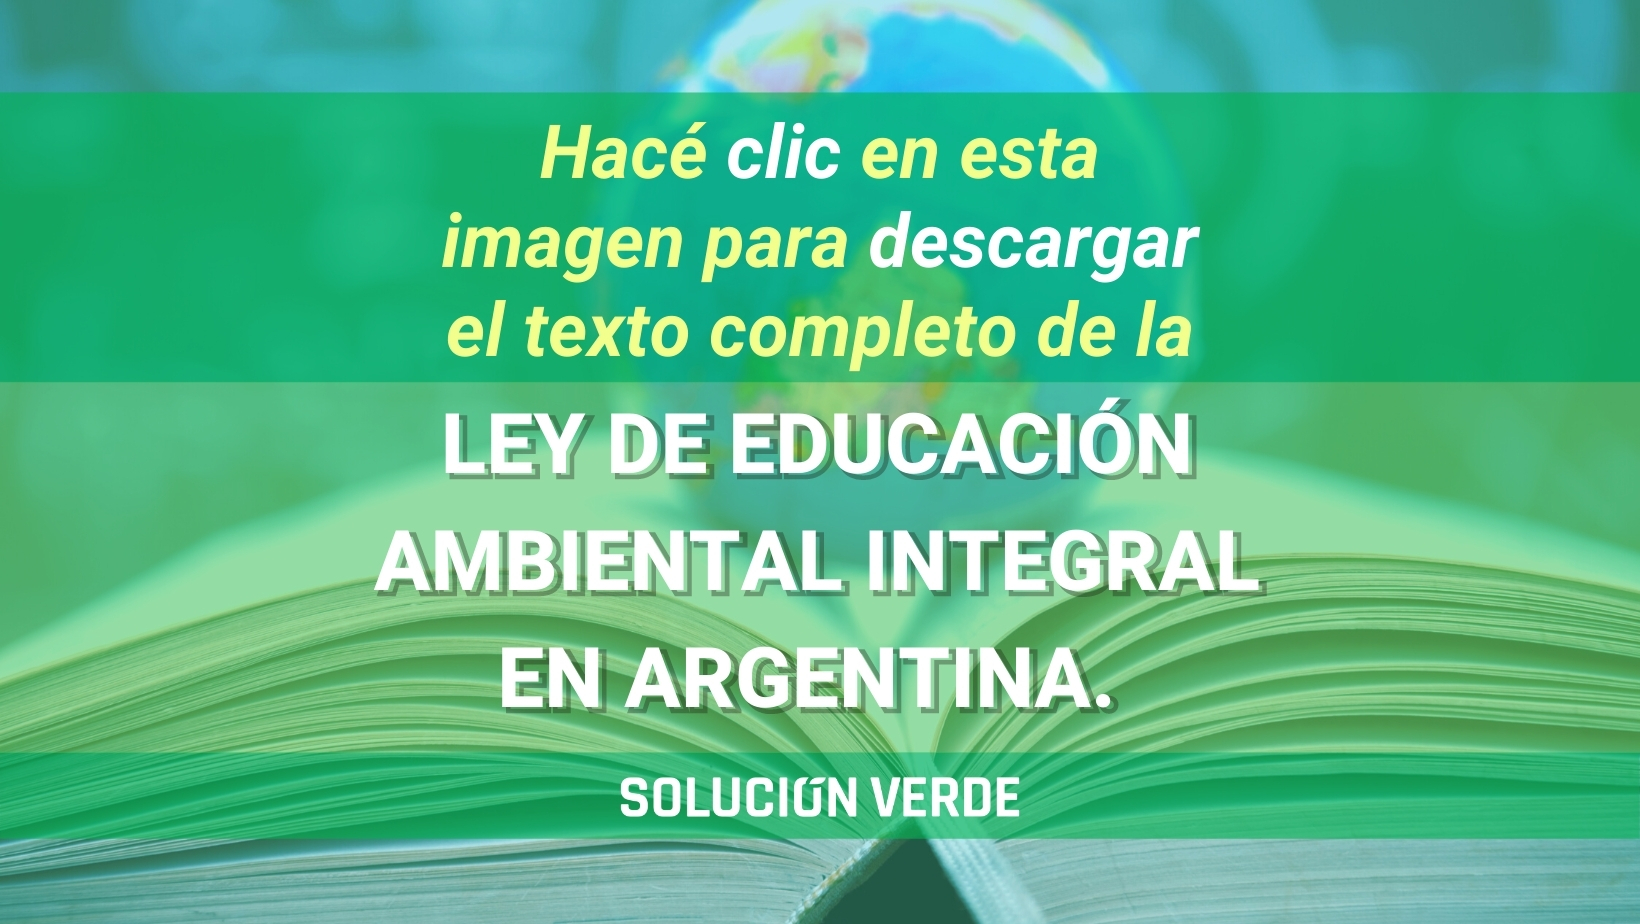 Hacé clic aquí para decargar el texto completo de la Ley de Educación Ambiental de Argentina 2021